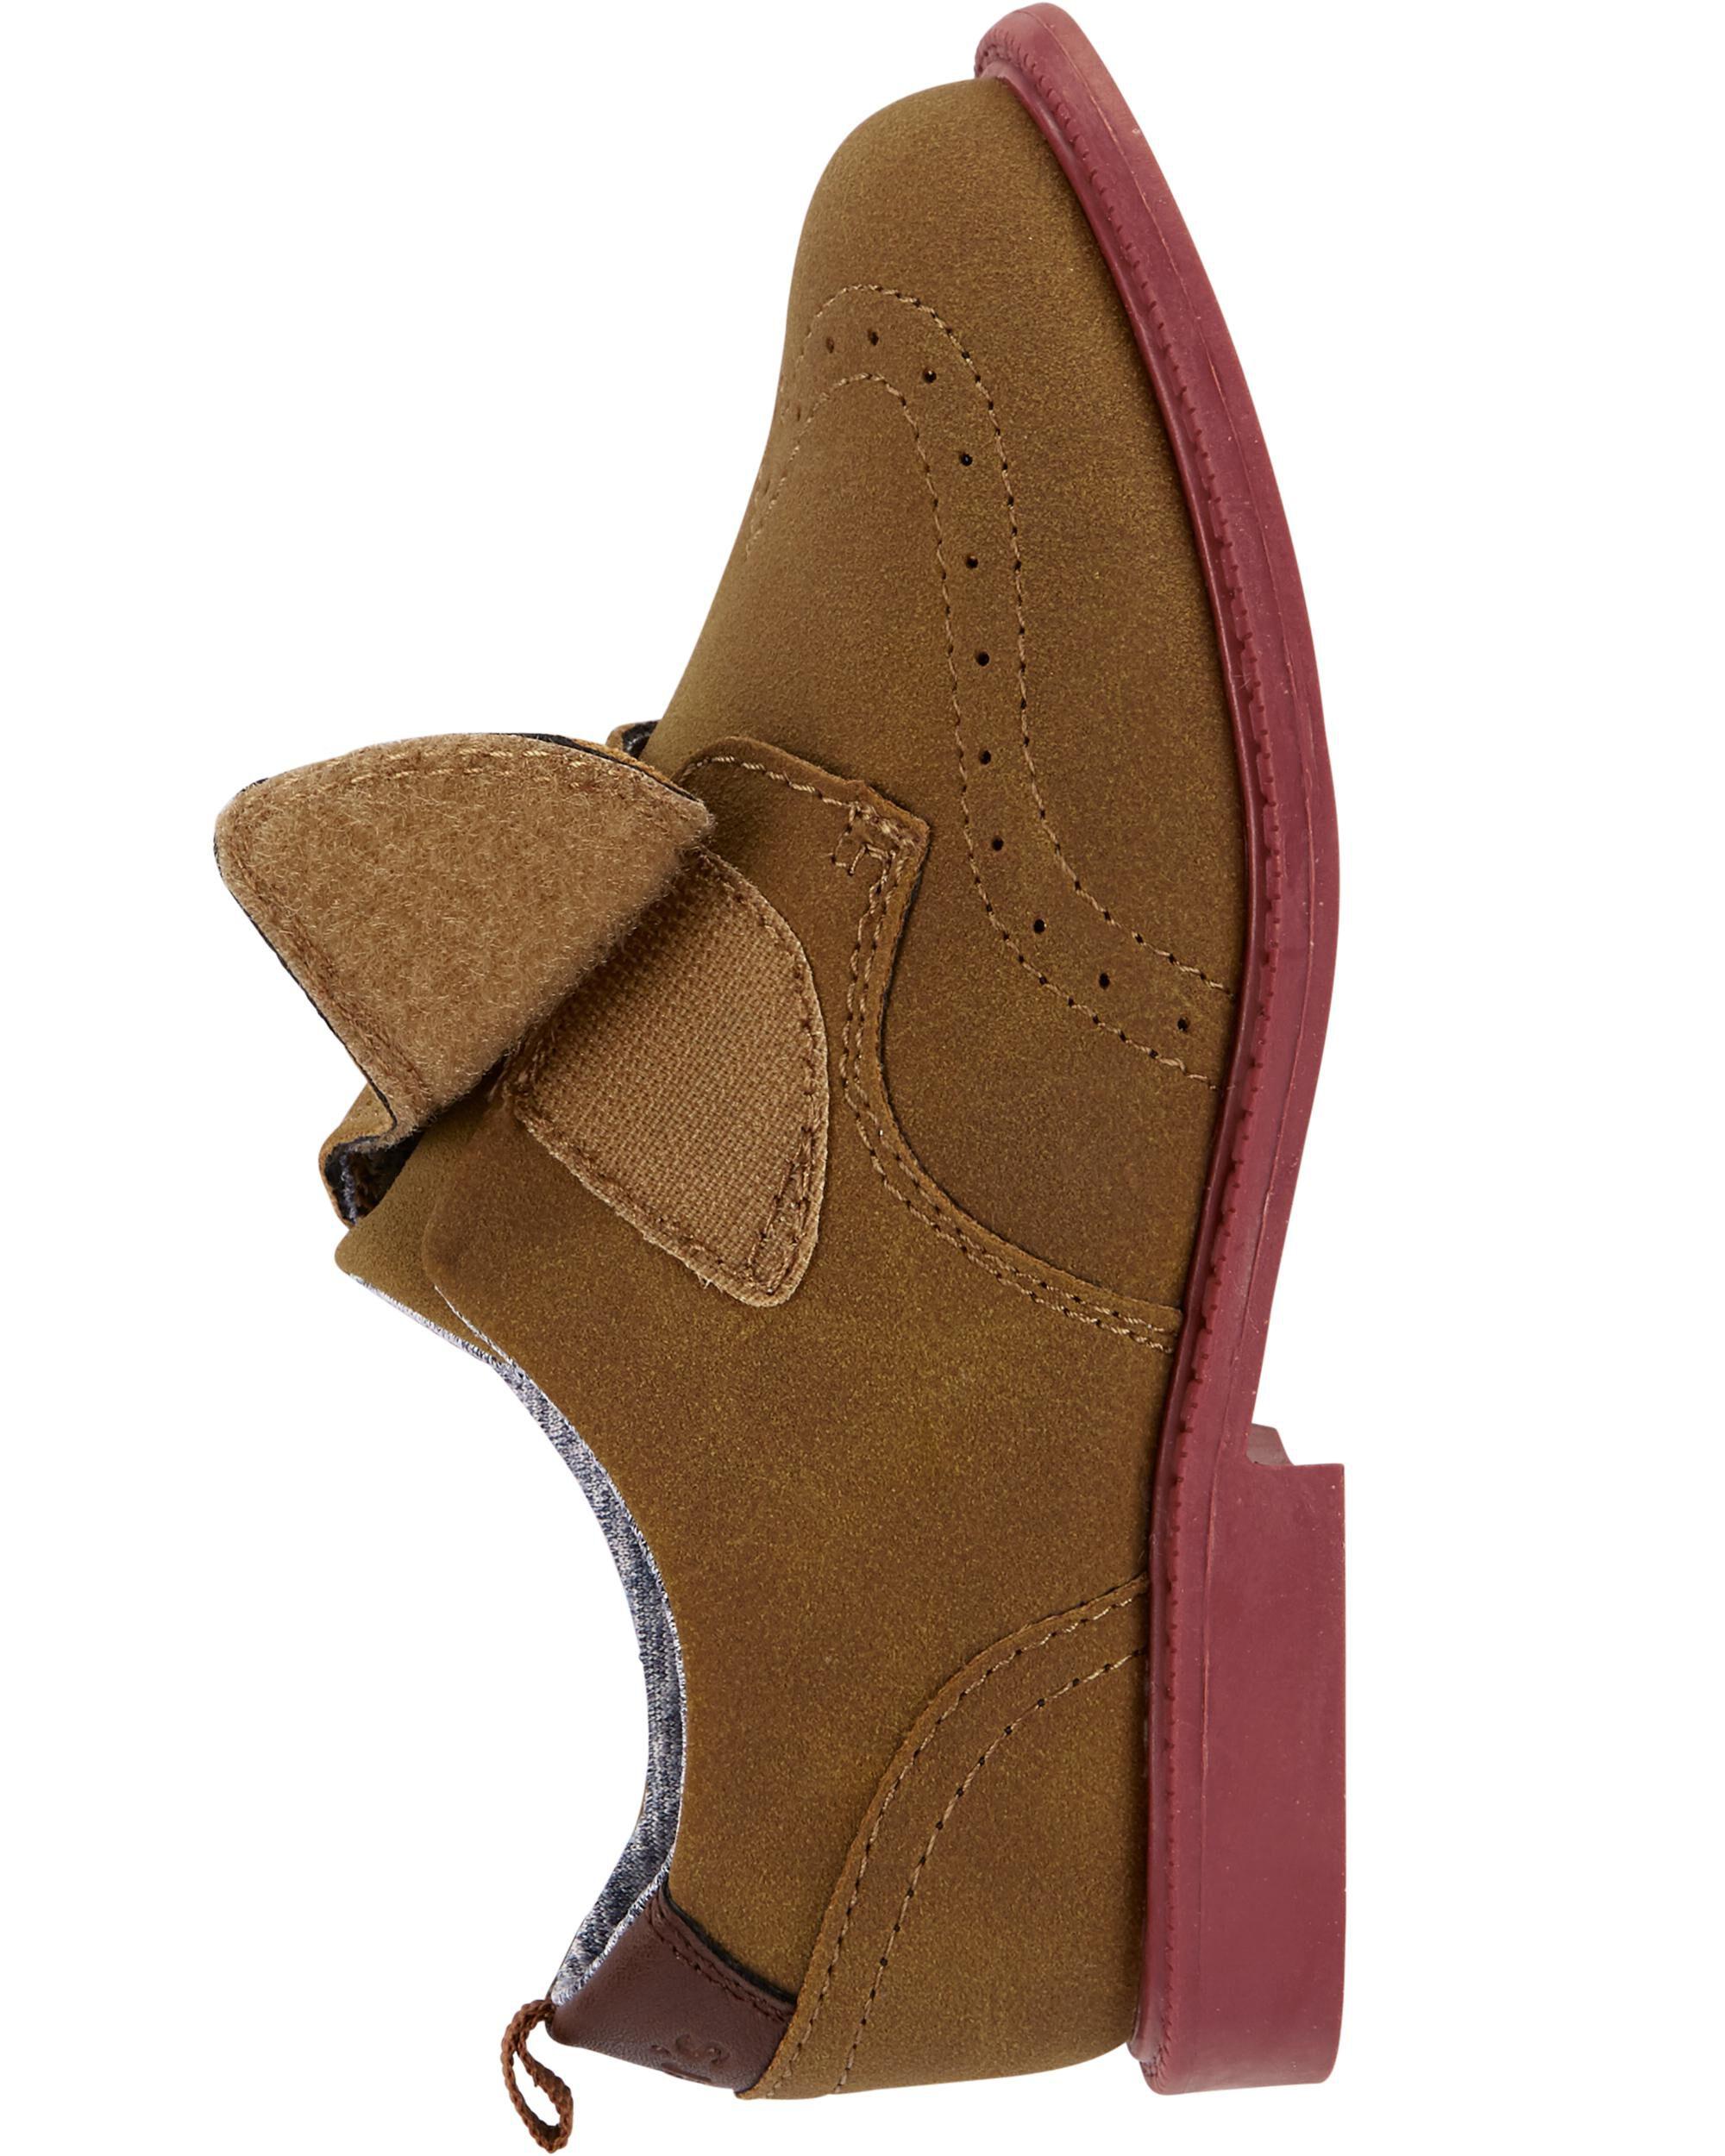 Carter's Oxford Dress Shoes | carters.com